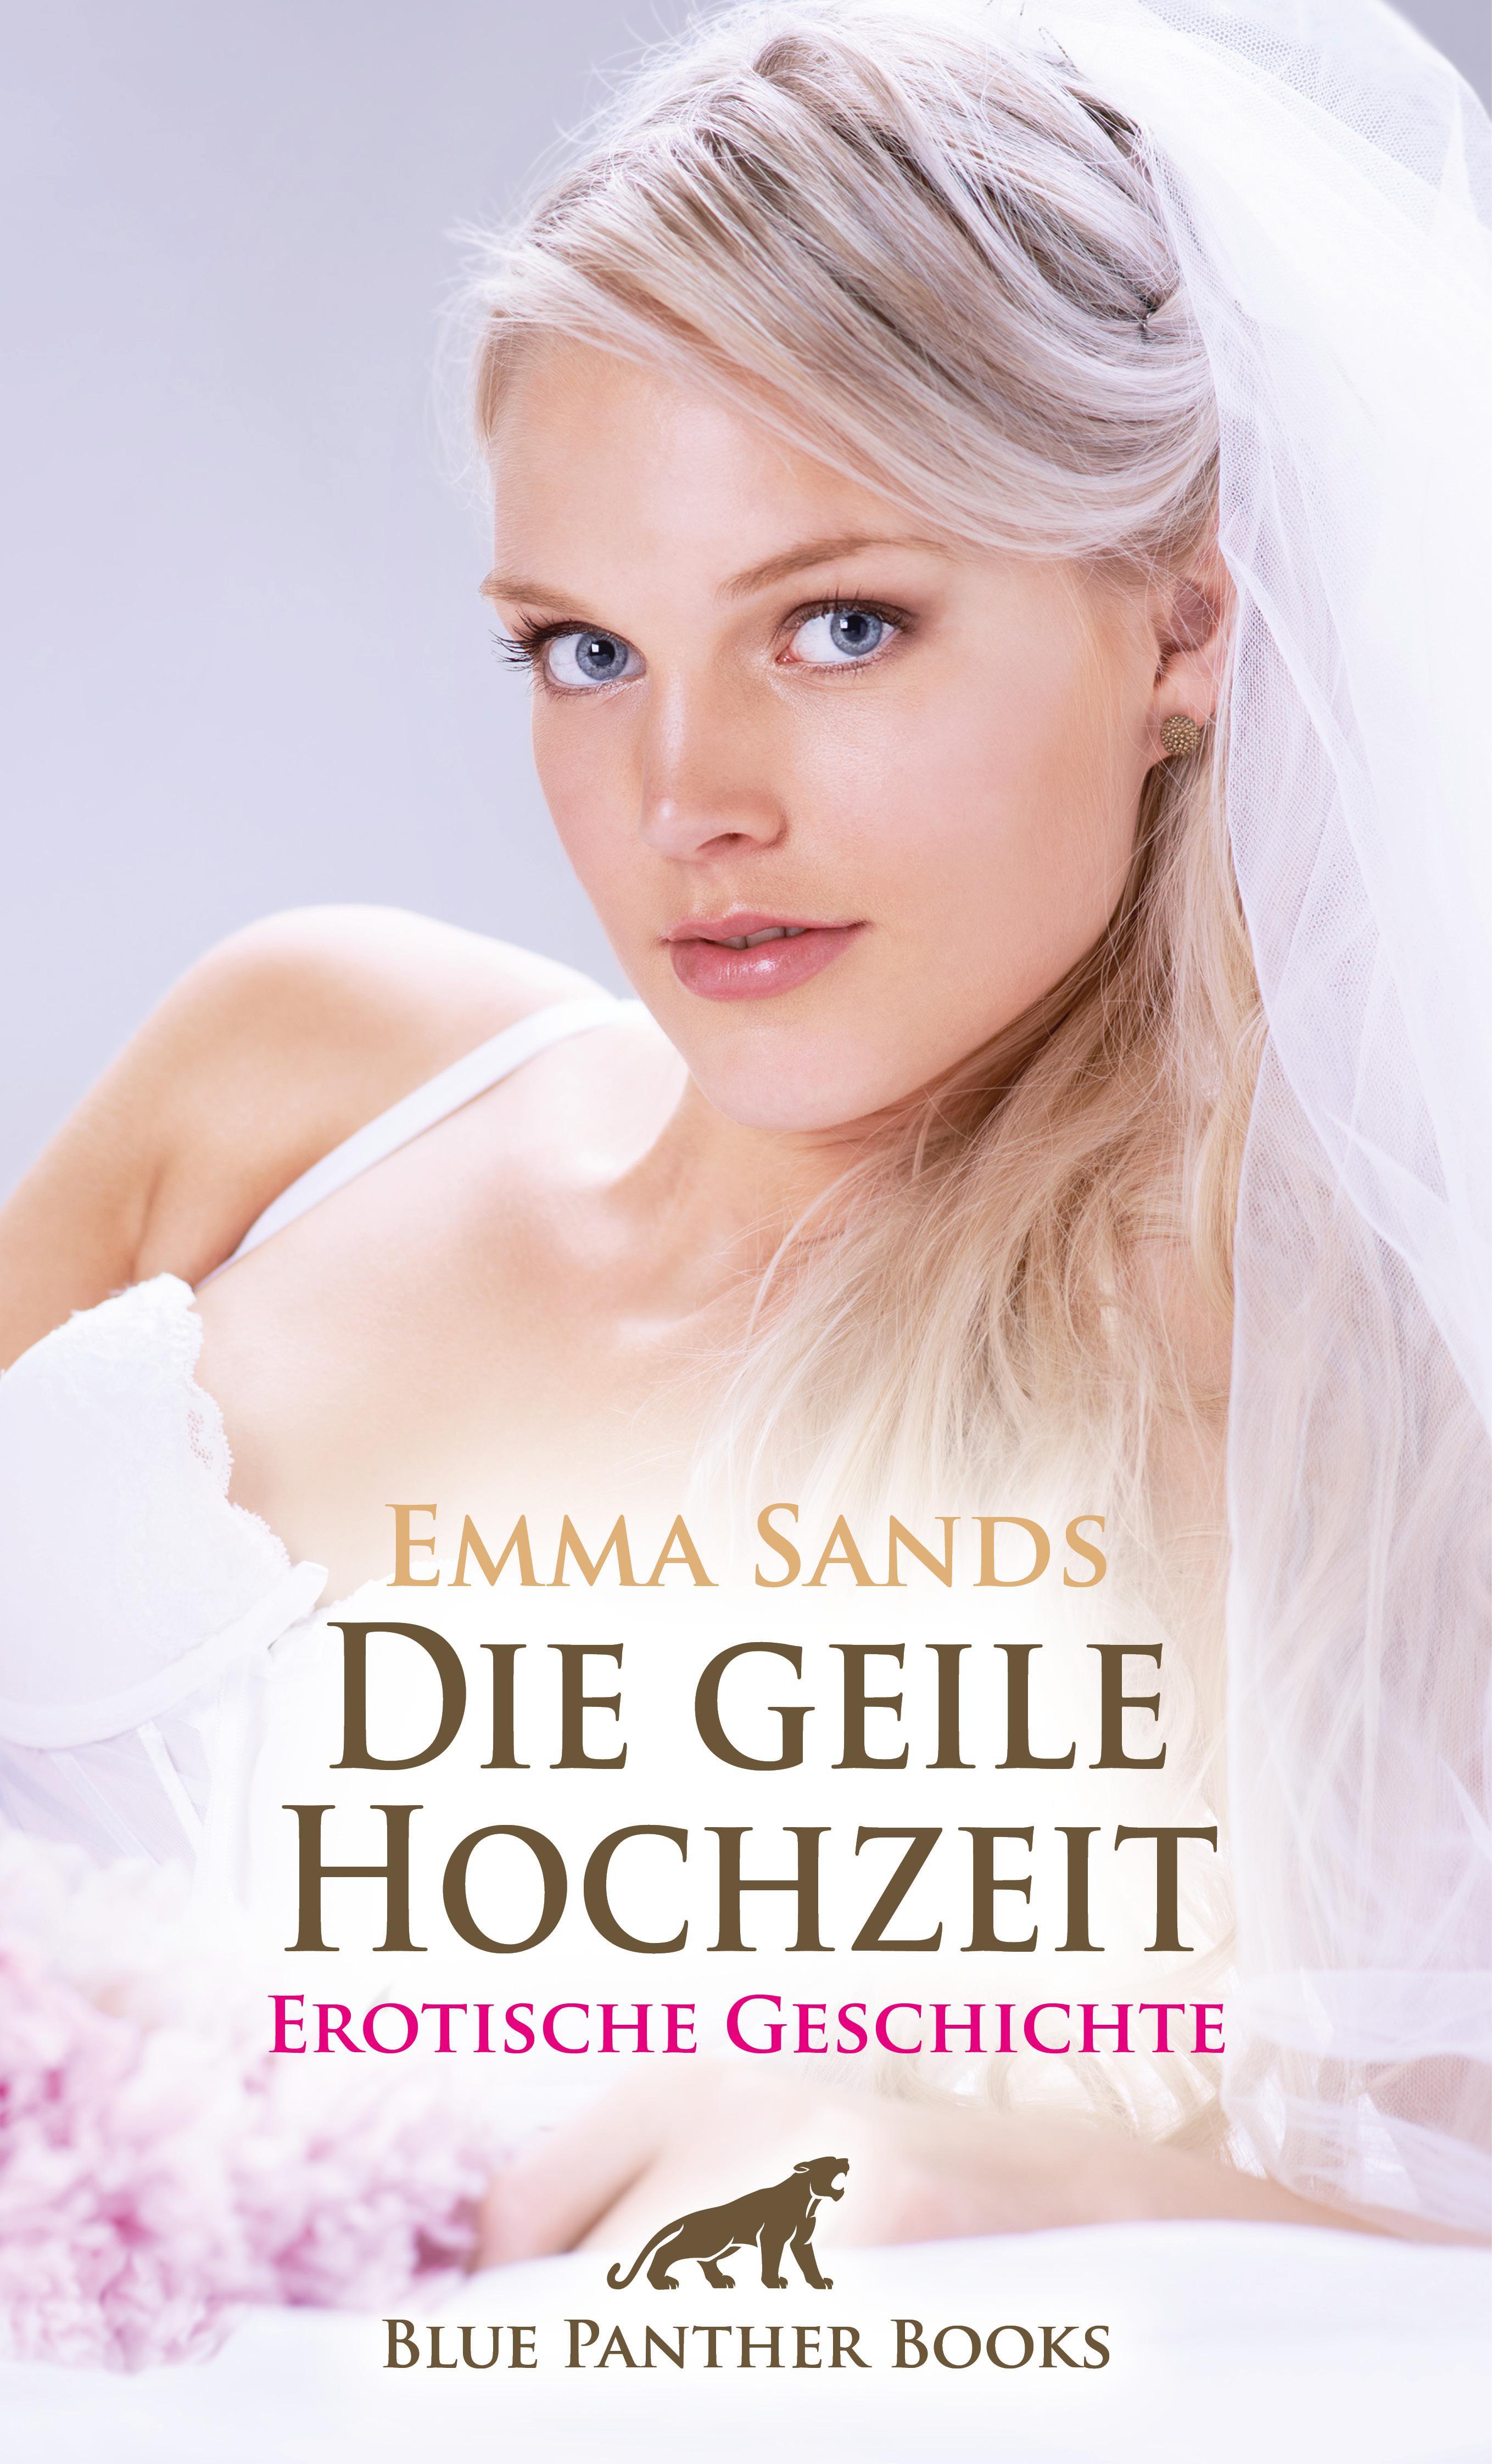 Die geile Hochzeit | Erotische Geschichte